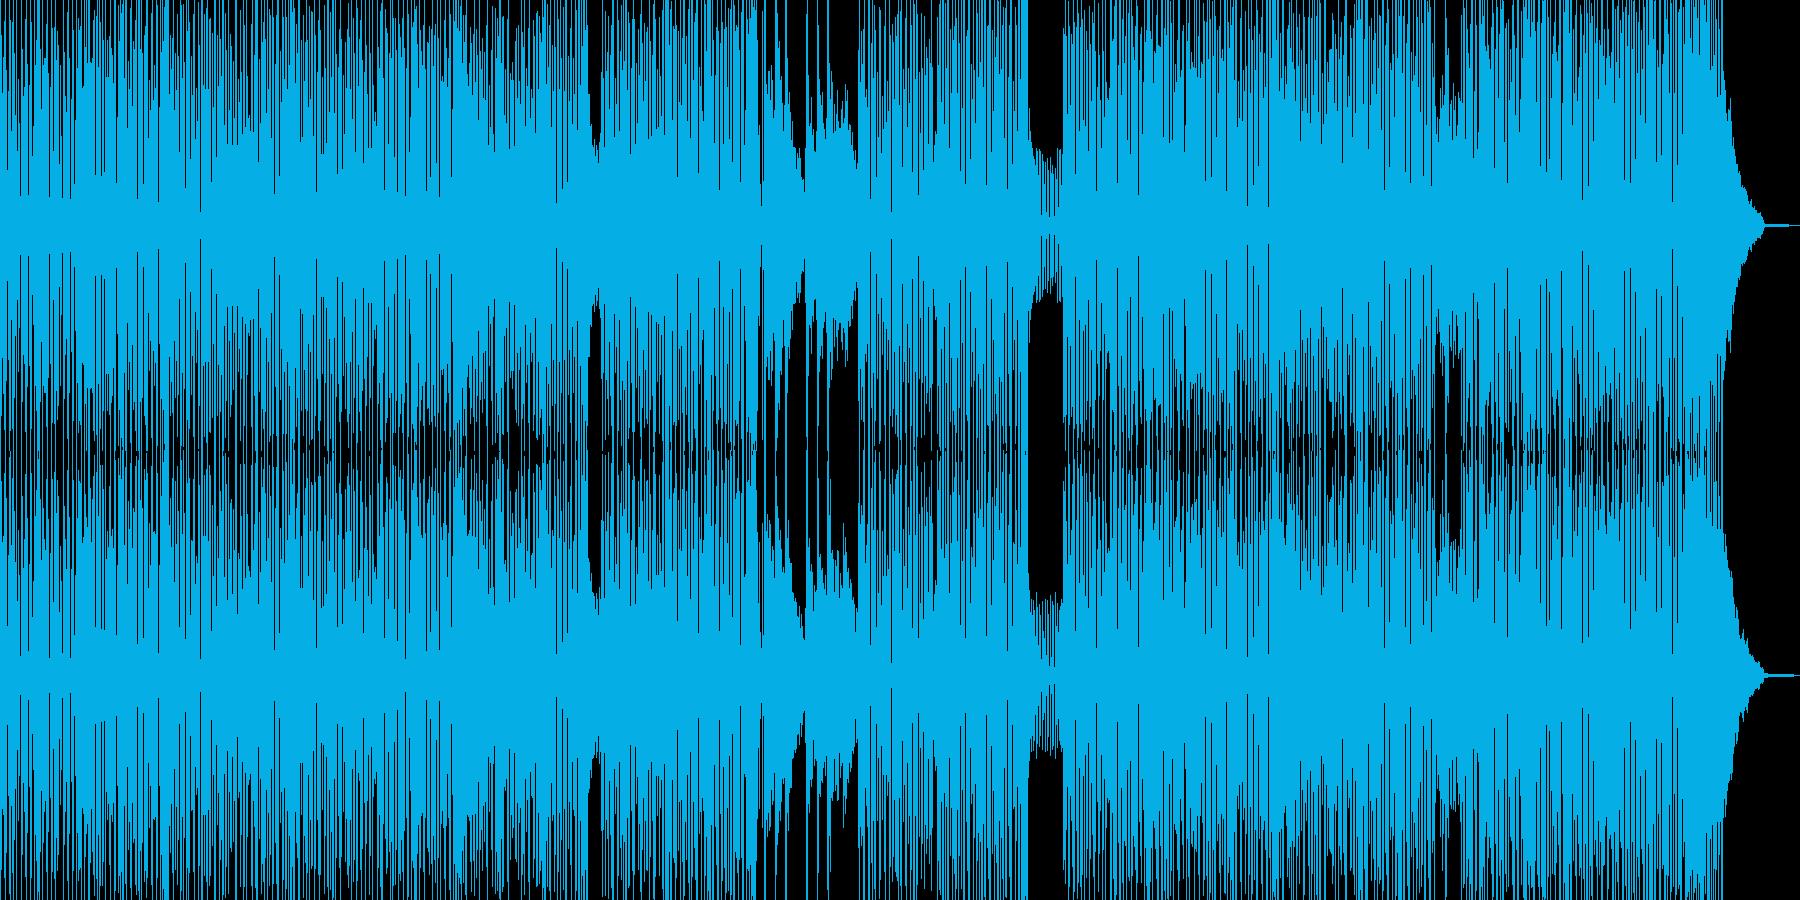 横スクロールゲームのようなコミカルR&Bの再生済みの波形